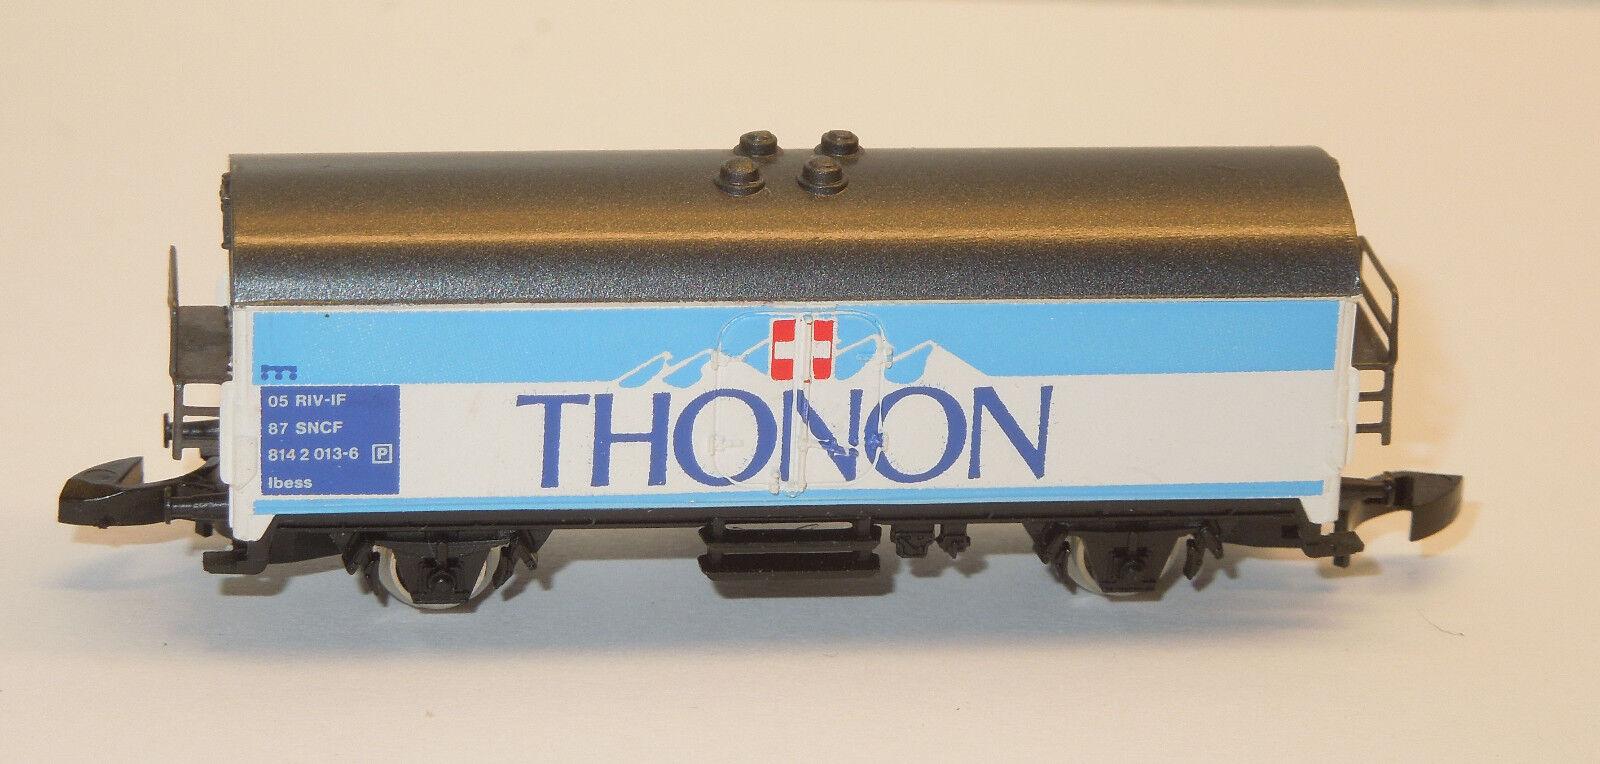 mini-club speciale carrello Thonon